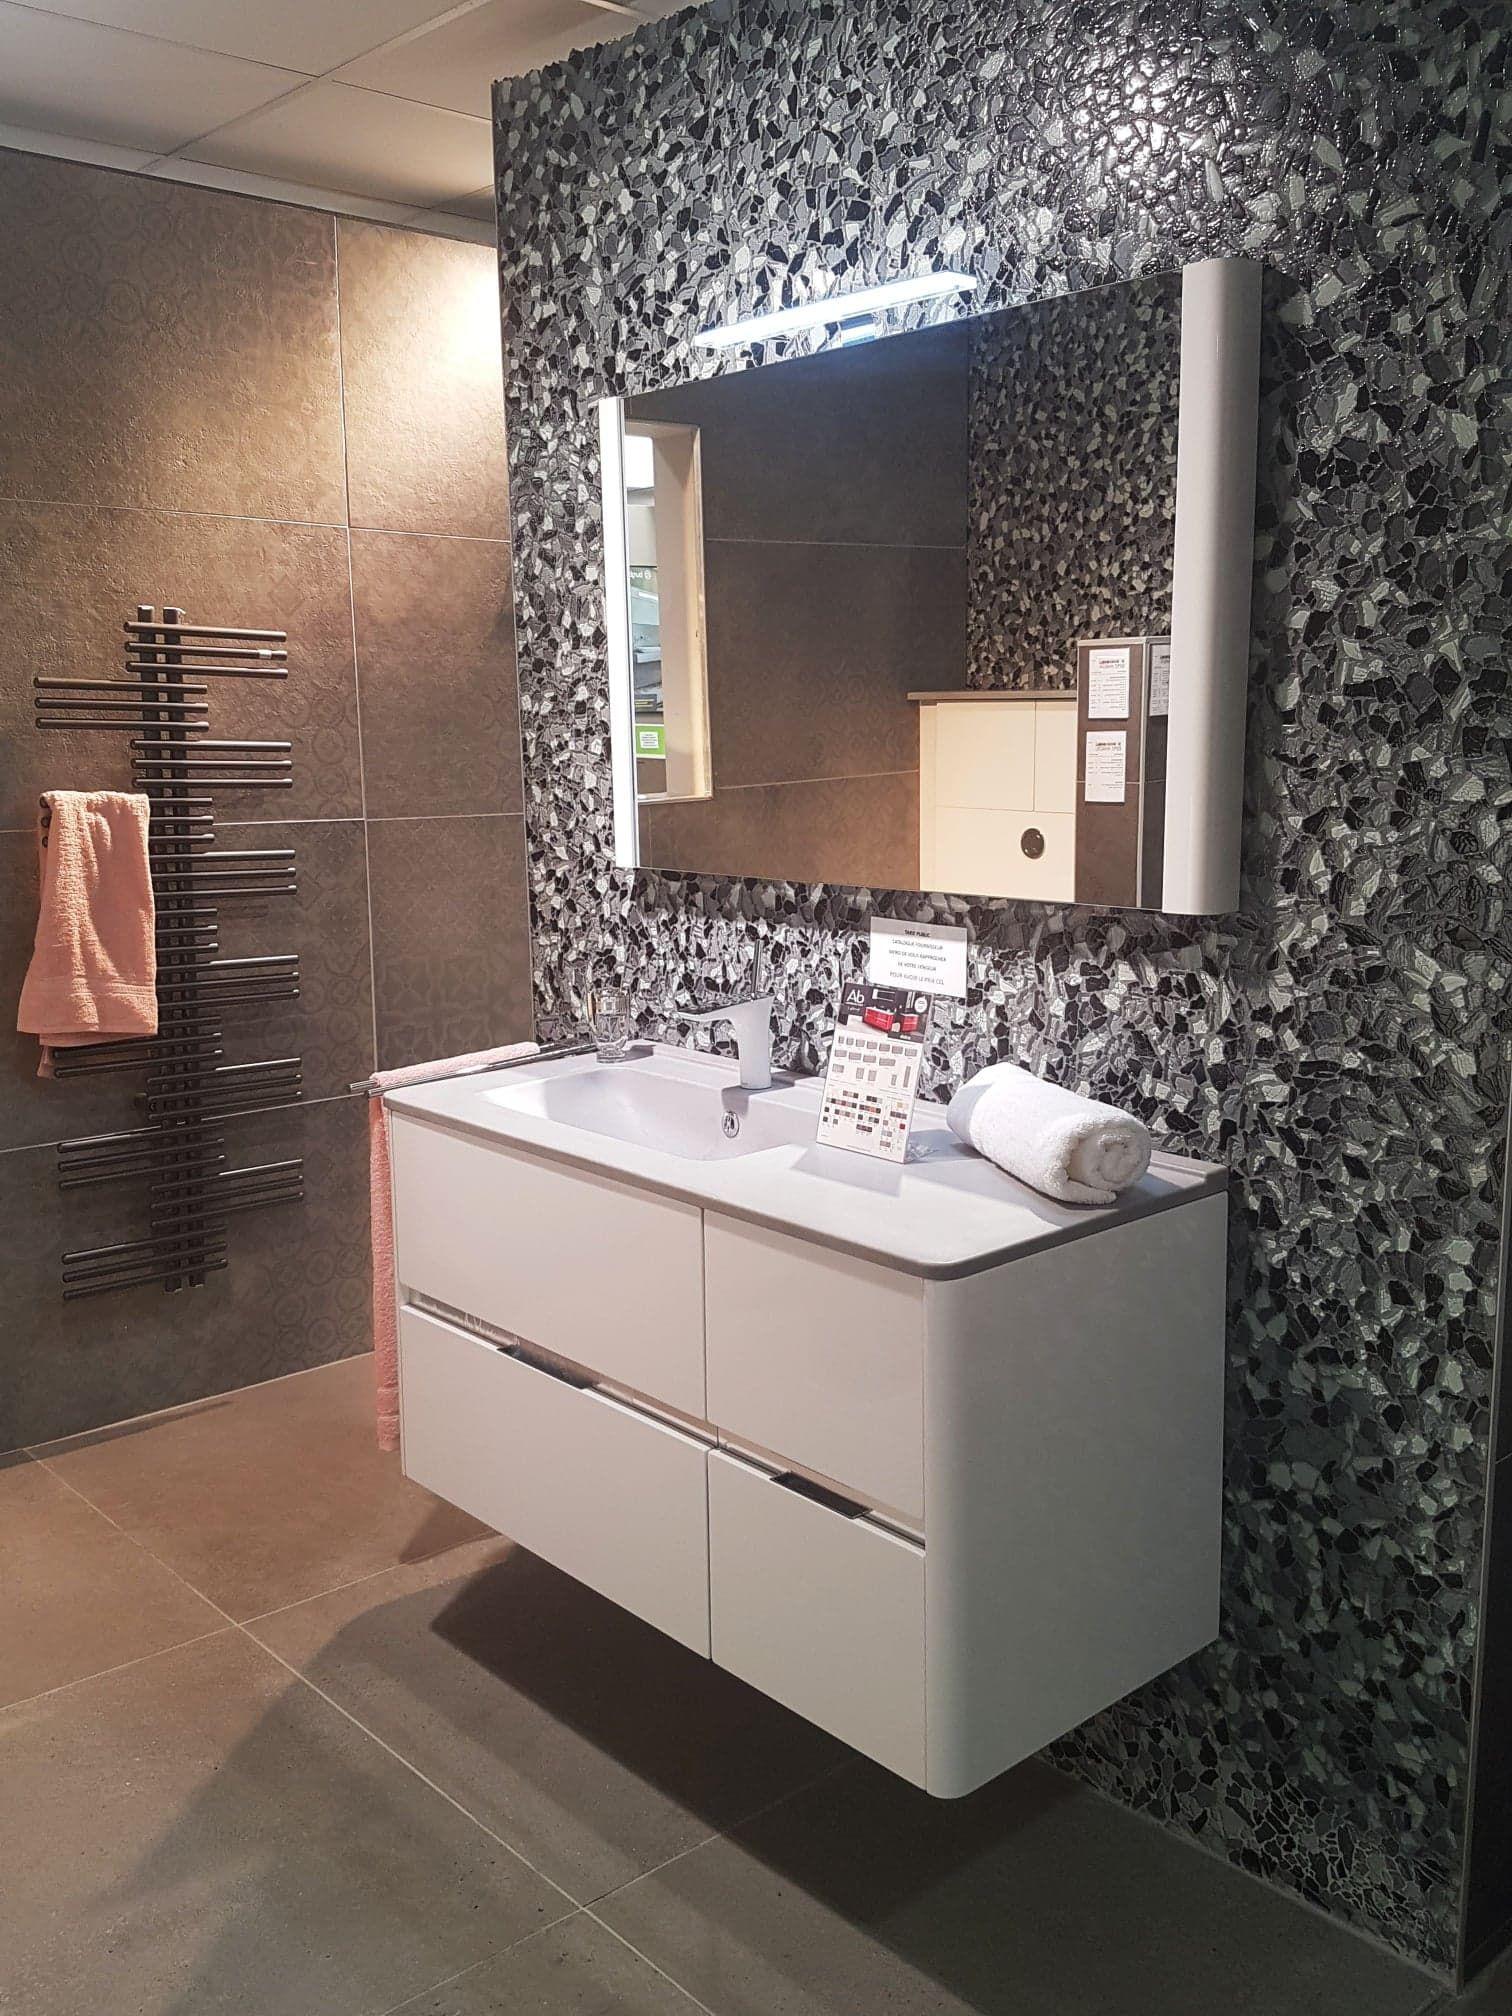 Showroom Perpignan Sud 3670 Avenue Julien Panchot Meuble Salle De Bain Mobilier De Salon Meuble